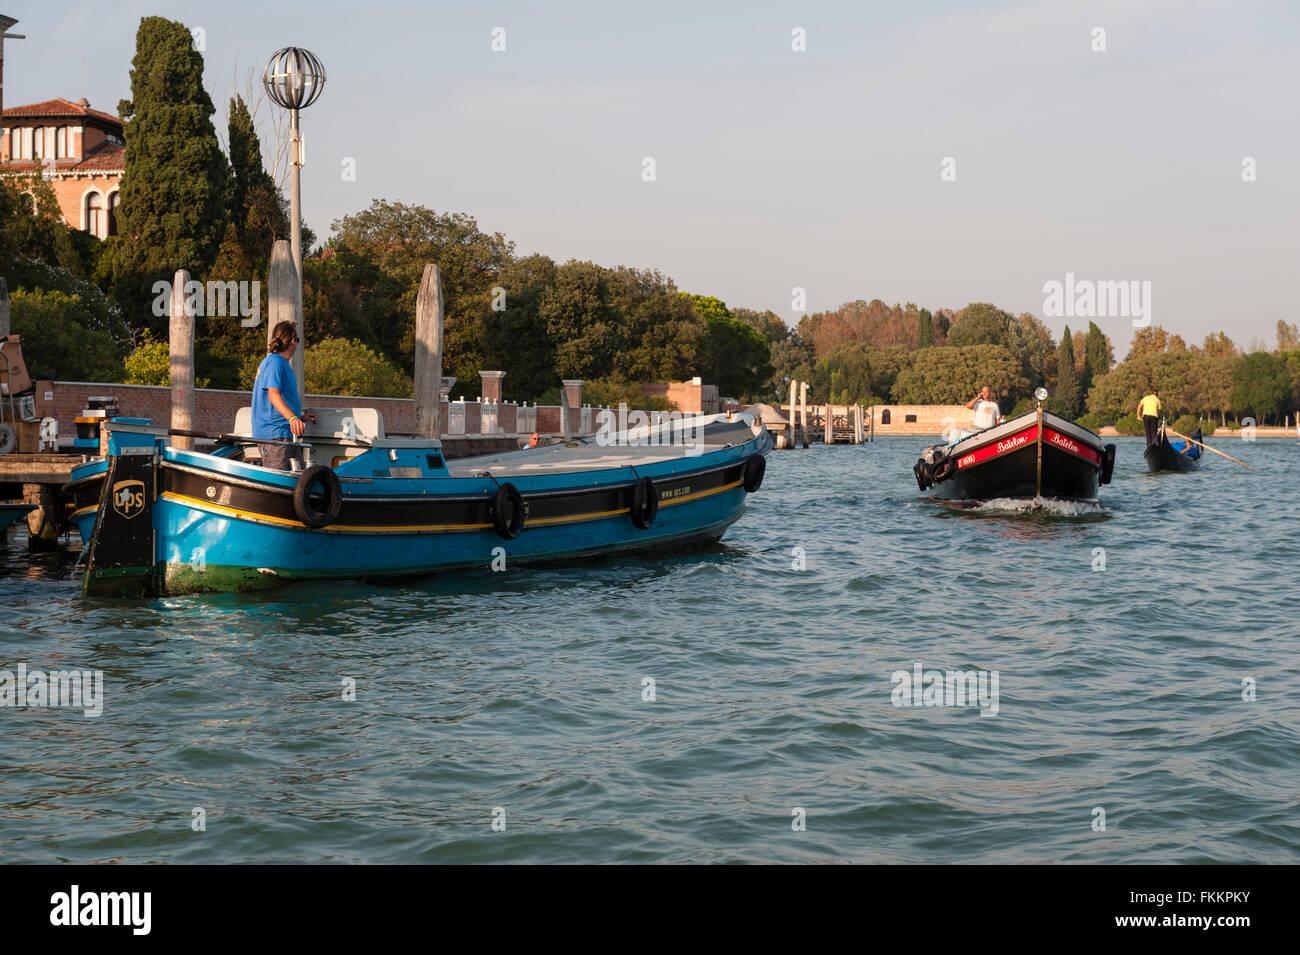 Venezia, Italia. Un UPS (United Parcel Service, Inc.) consegna chiatta su un canale fuori dell'isola della Giudecca Immagini Stock